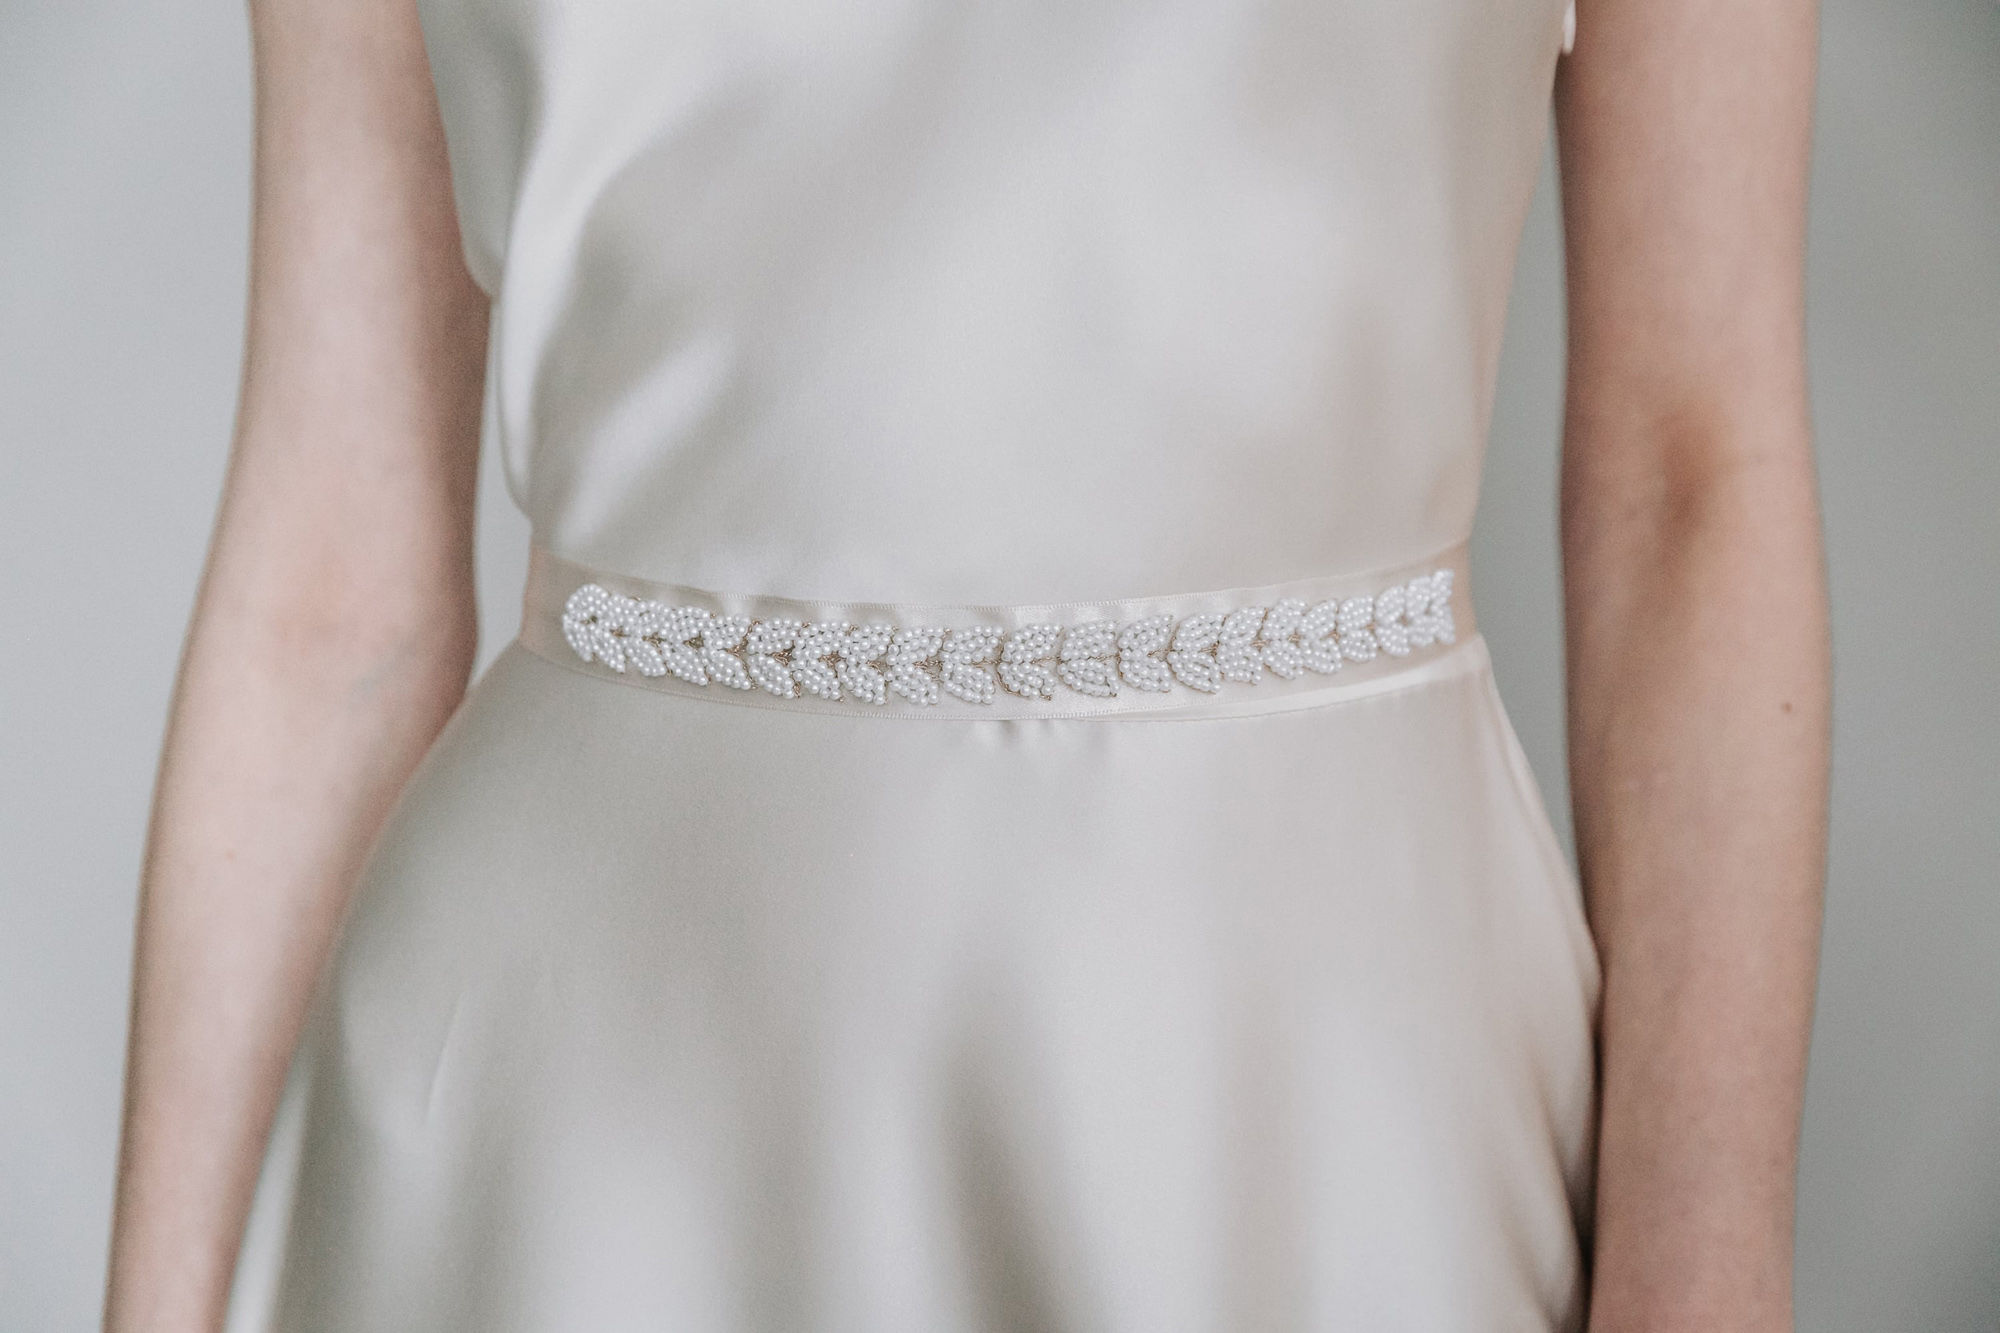 Petal Beads - More